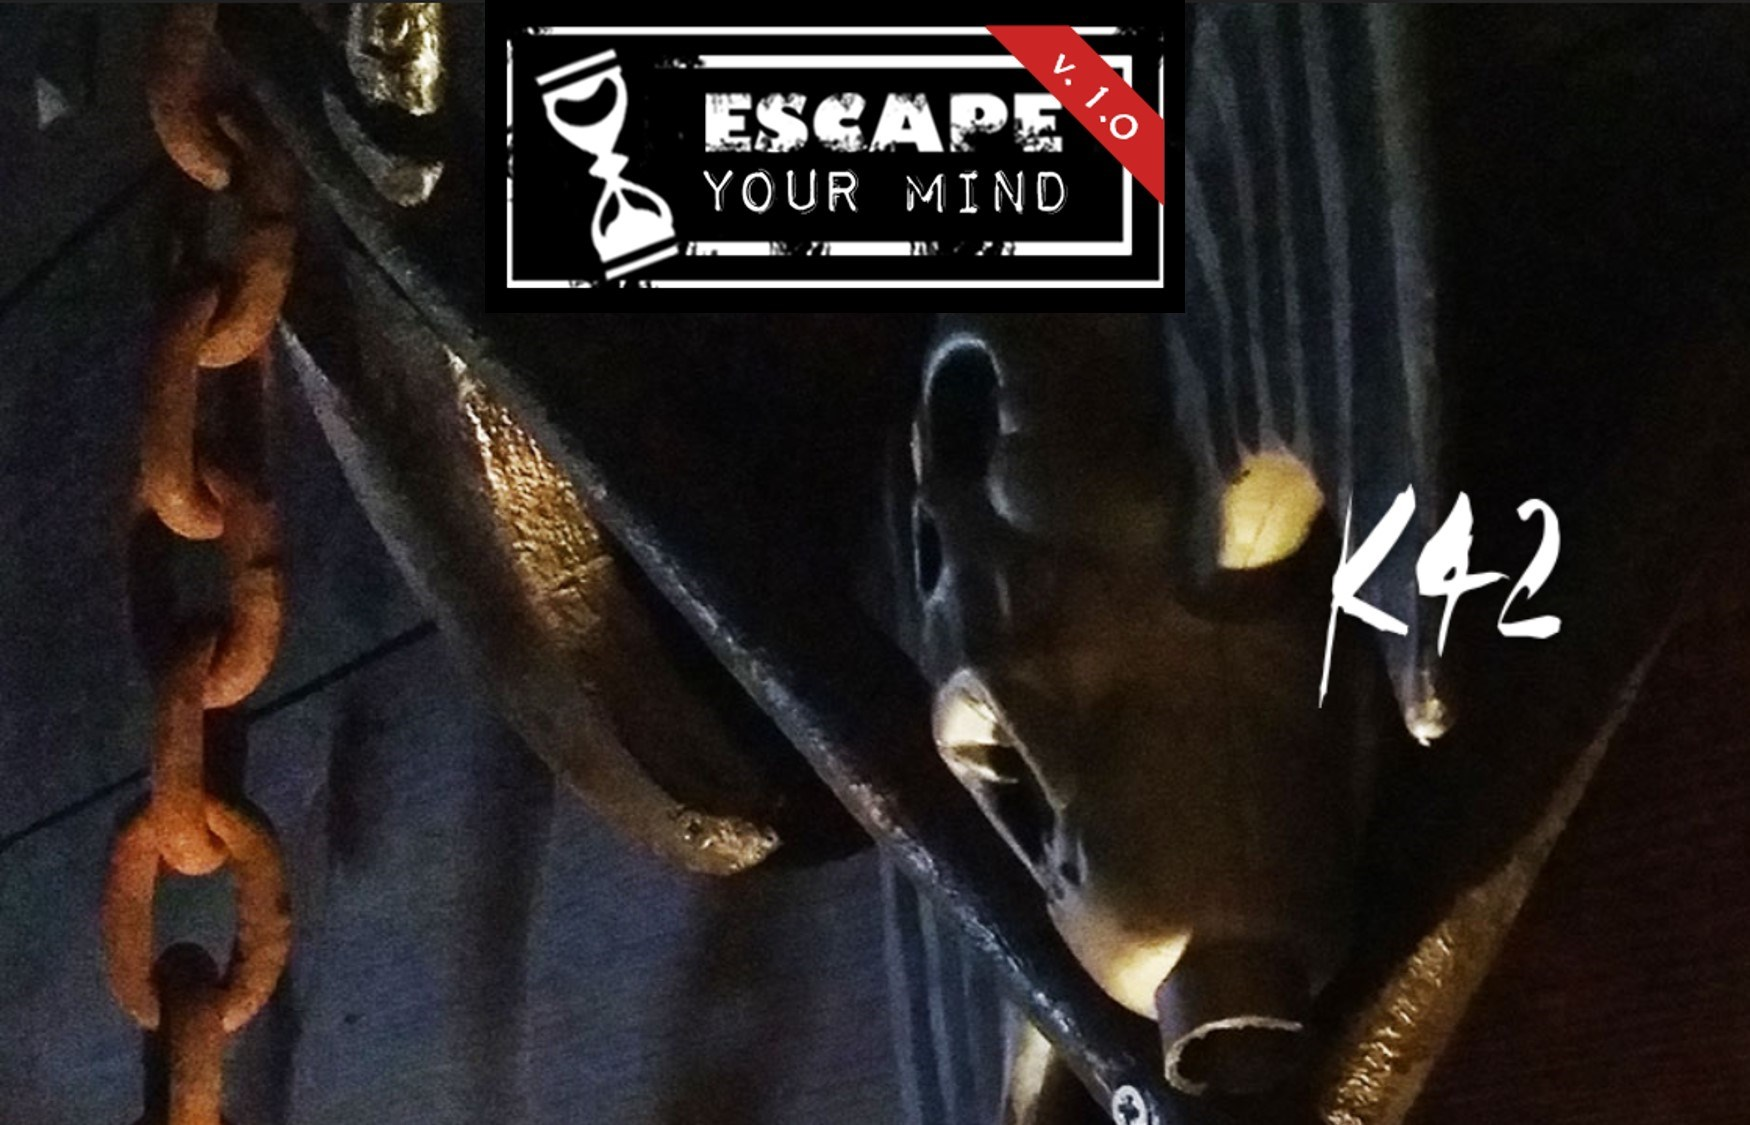 6,5€ από 13€ για παιχνίδι Απόδρασης, διάρκειας 75', στο ''Escape Your Mind'' στο Περιστέρι, το μεγαλύτερο (300τμ) Escape Room της Ελλάδας!